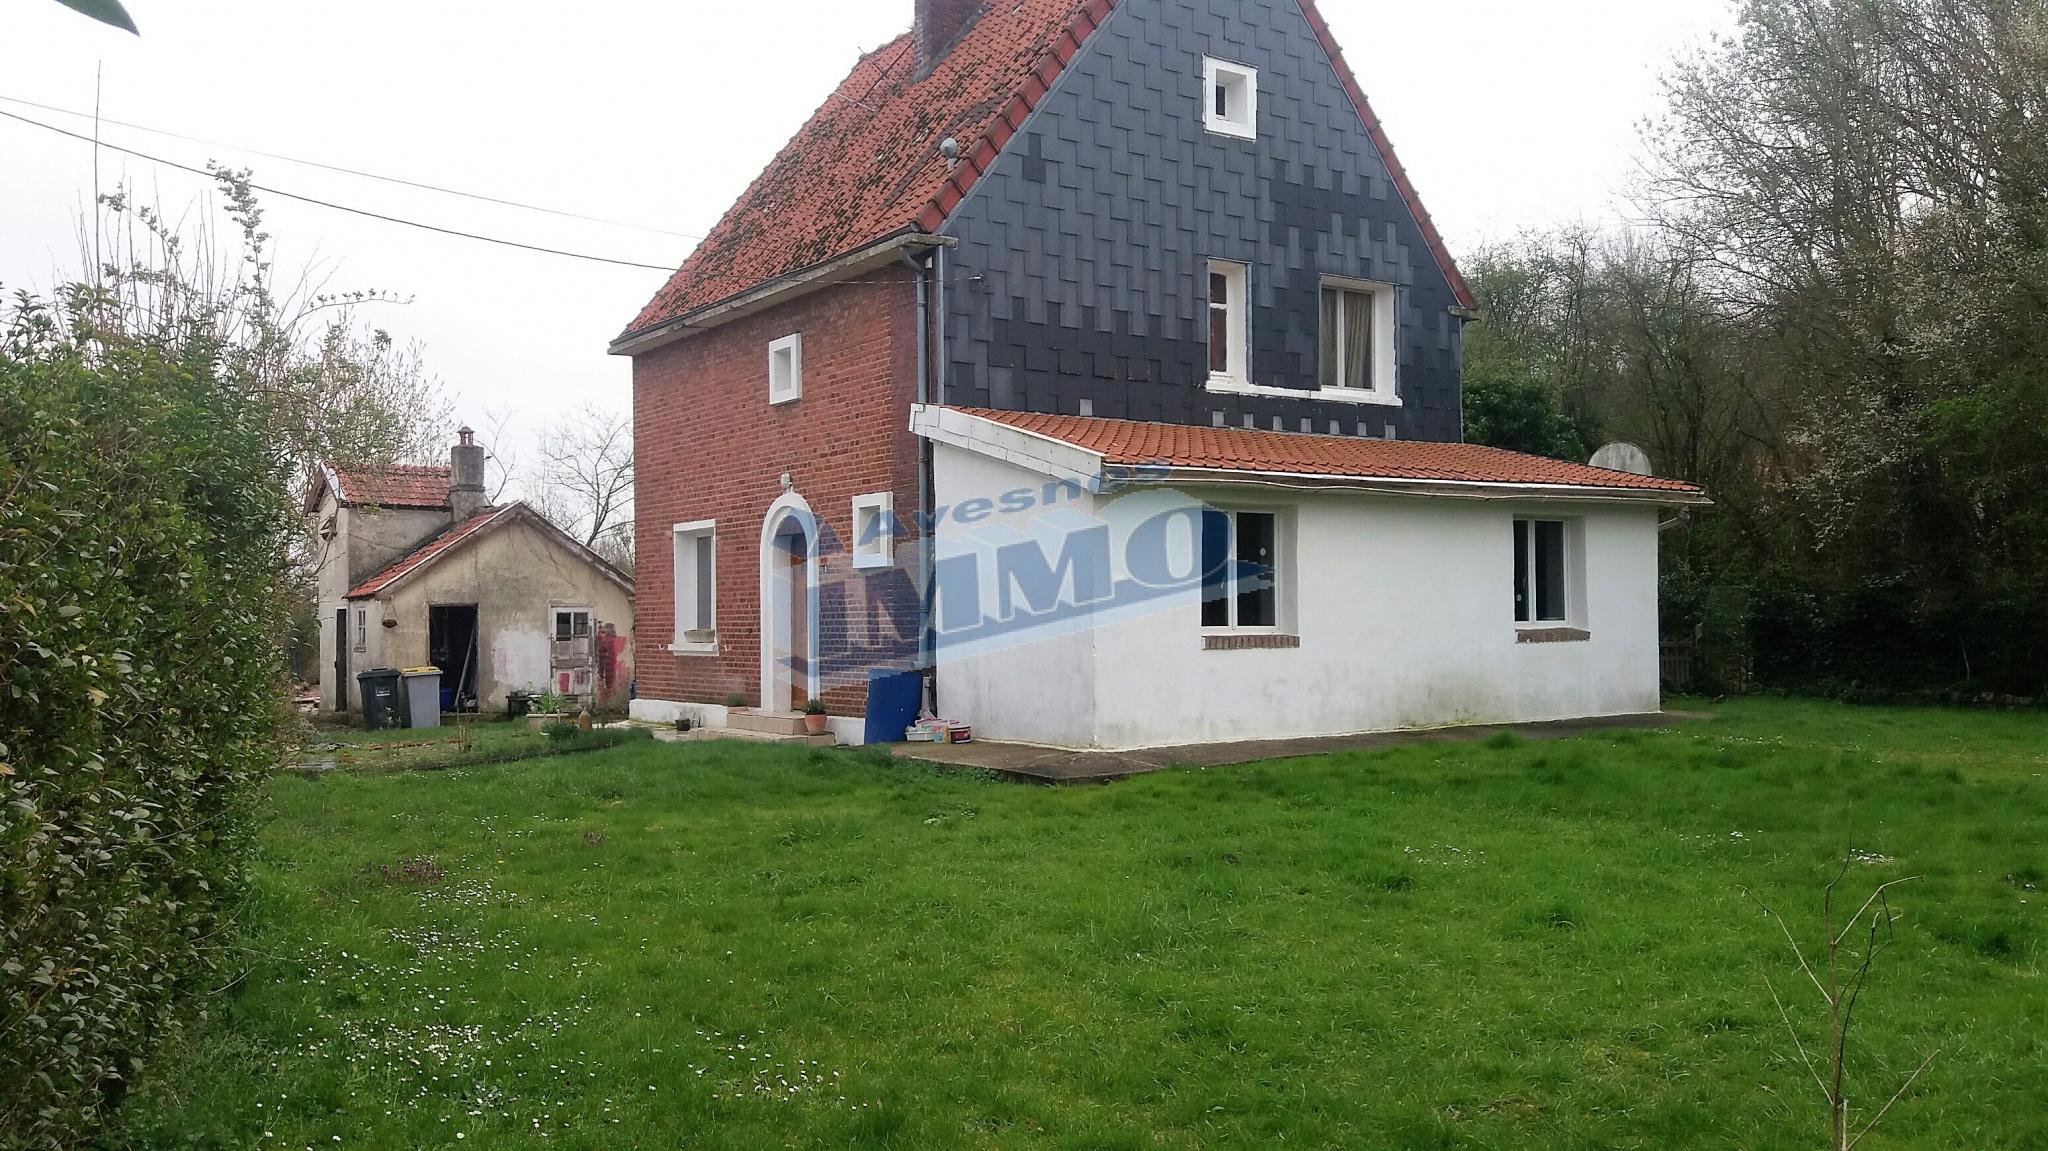 Vente Maison Maison individuelle sur frèvent  à Frevent